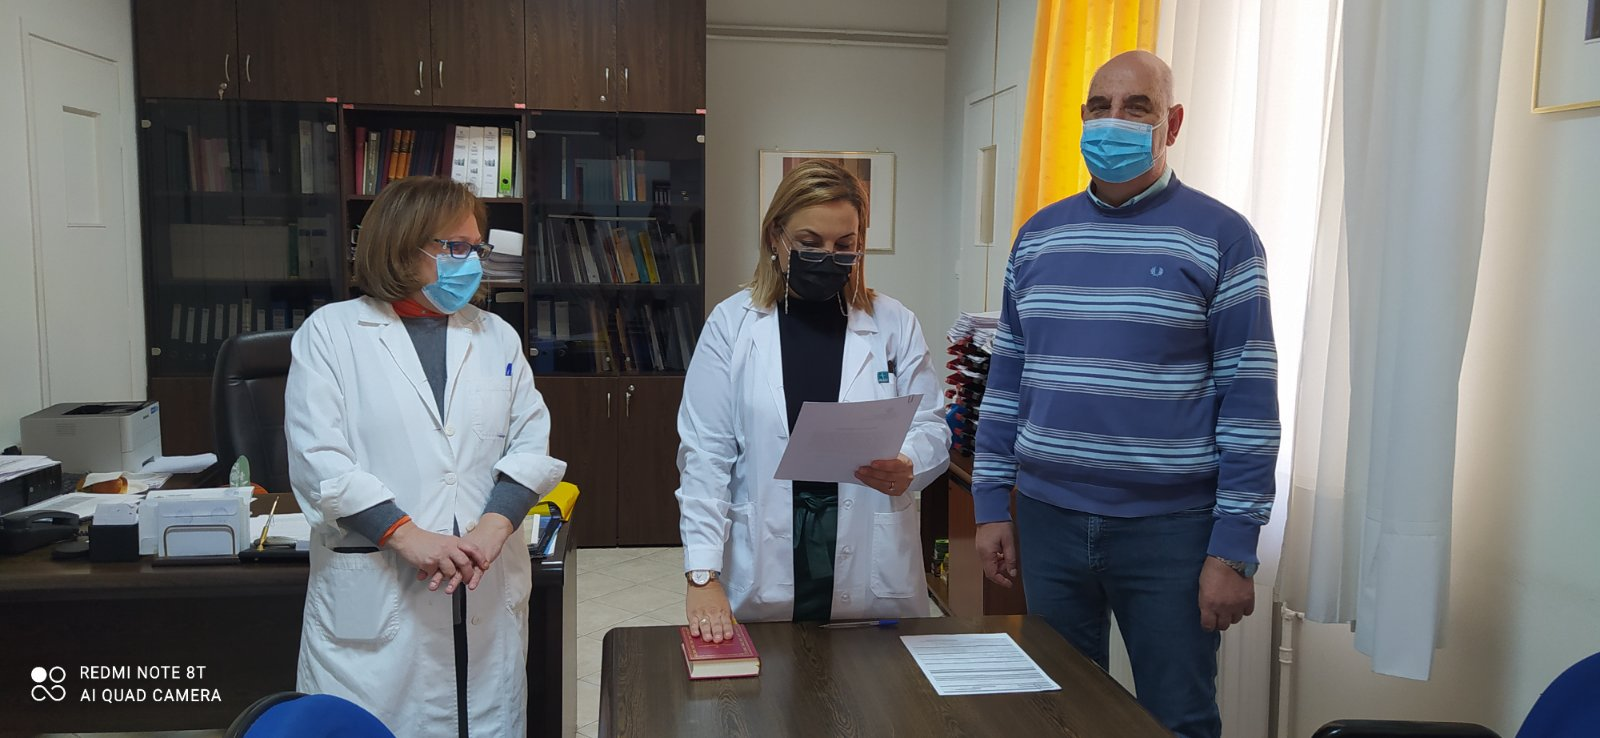 Ορκωμοσία της ιατρού Μαρίας  Παπαδοπούλου για το τμήμα  Αιμοδοσίας του Μαμάτσειου Νοσοκομείου Κοζάνης